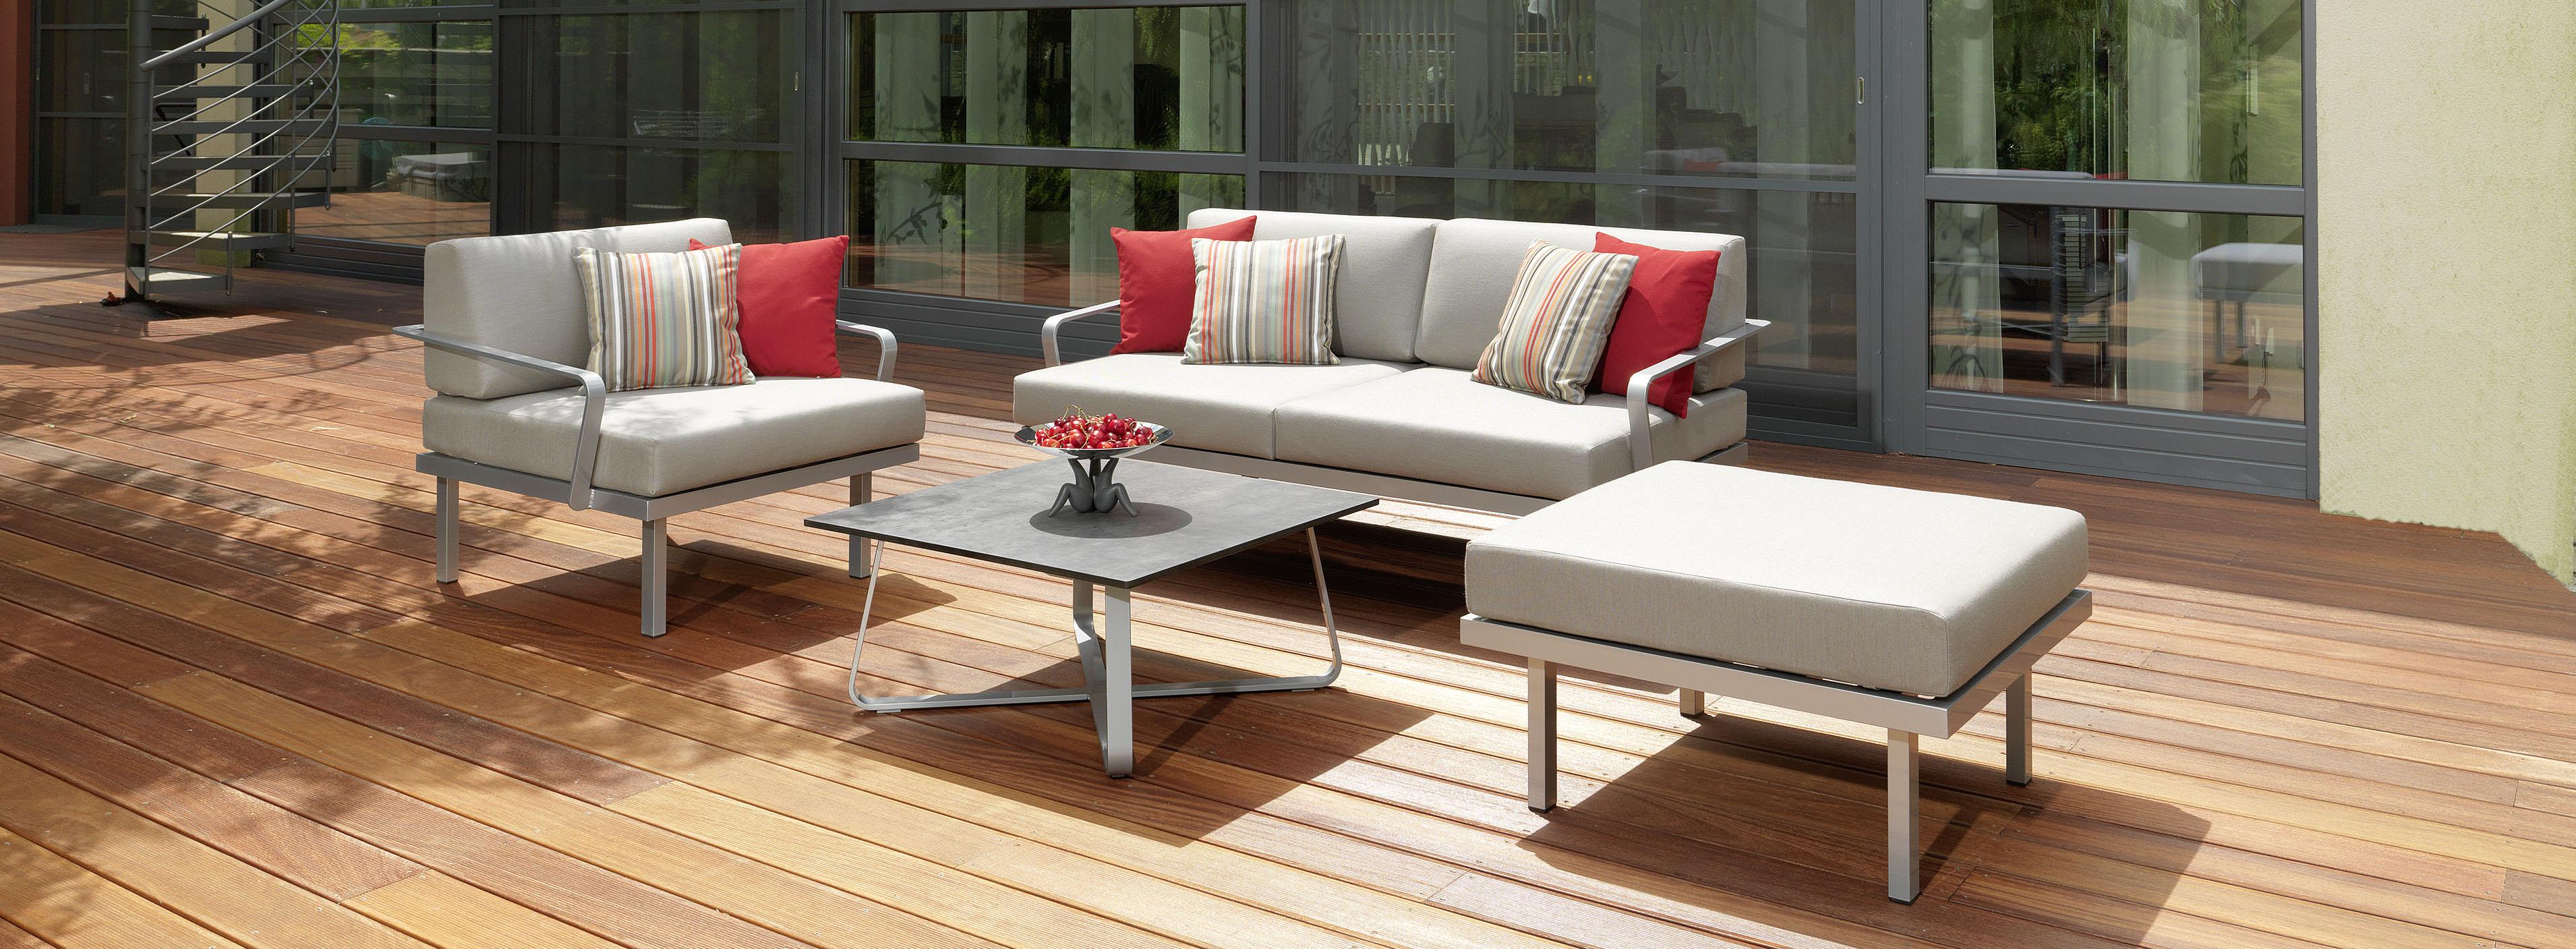 neuigkeiten garten und wellnessm bel von karasek. Black Bedroom Furniture Sets. Home Design Ideas